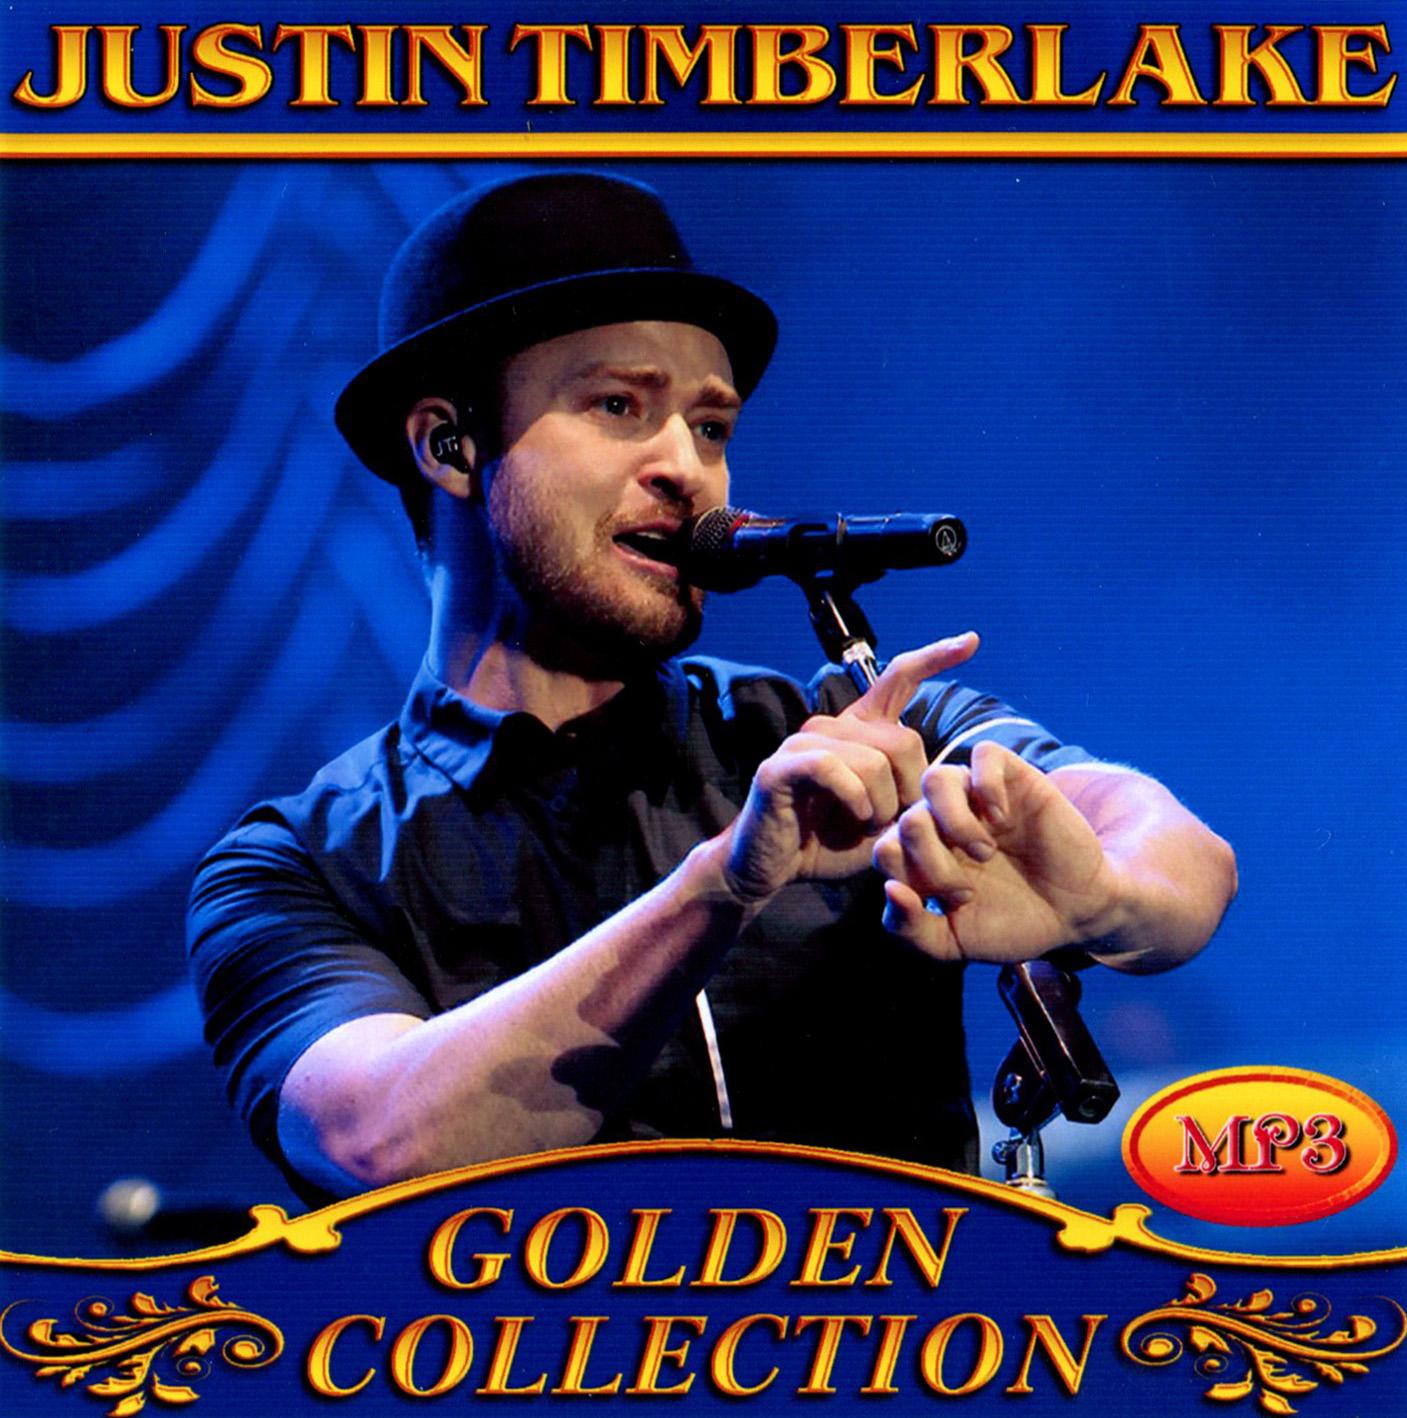 Justin Timberlake [mp3]